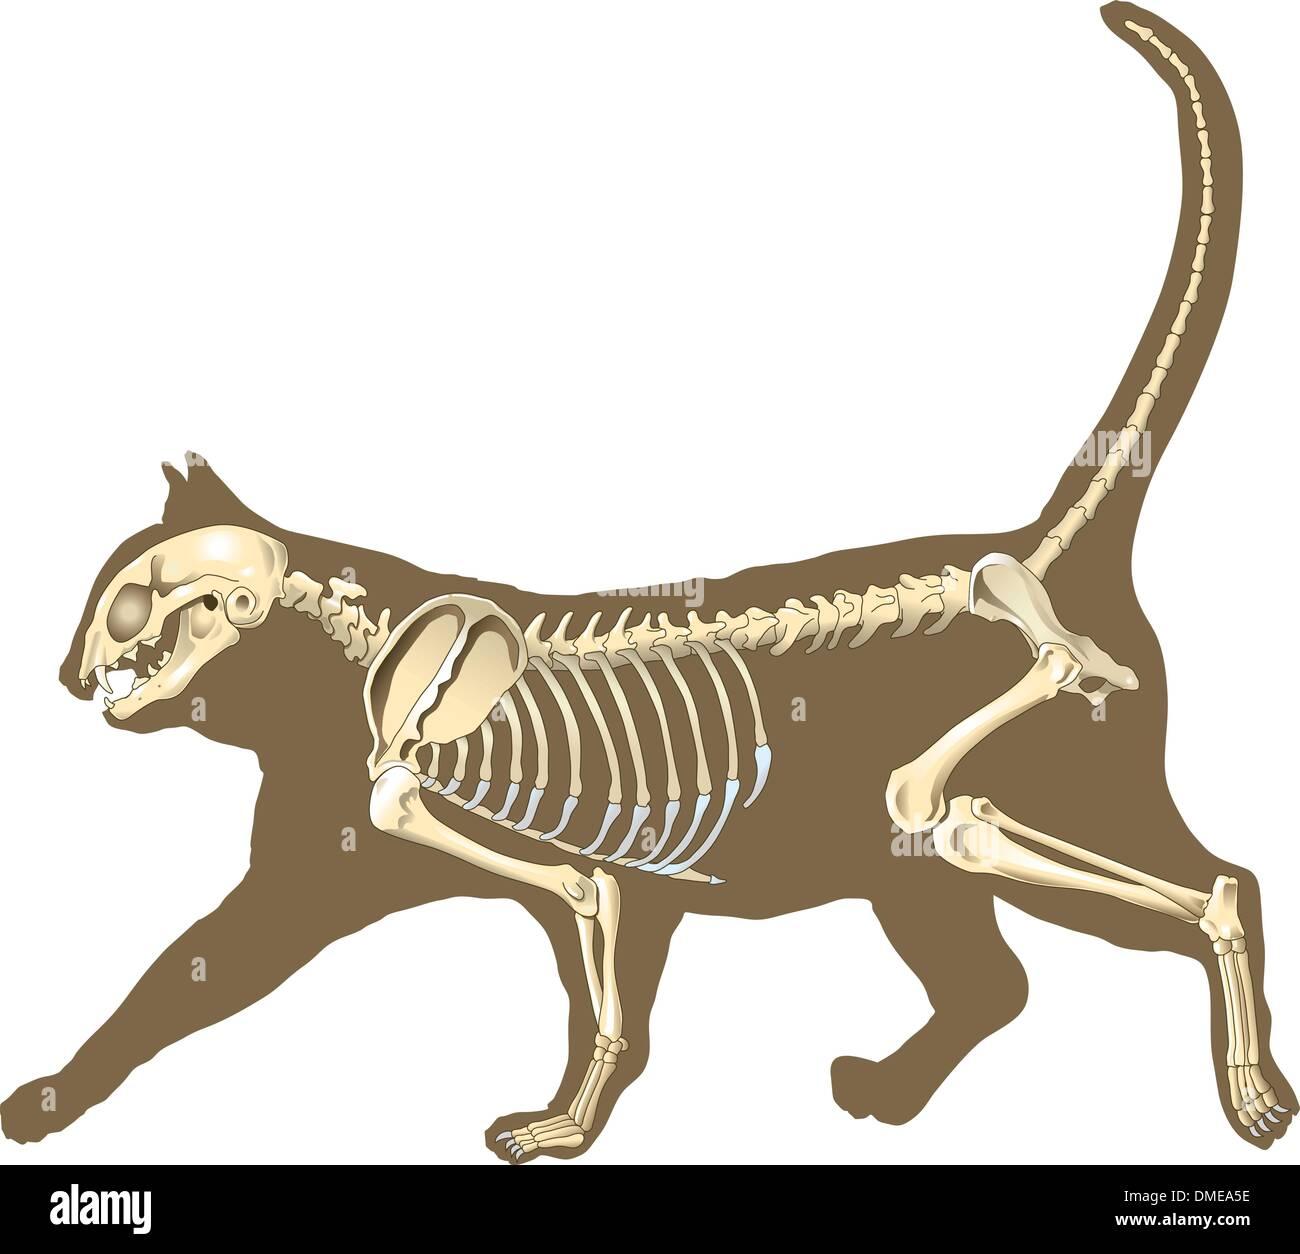 Tolle Katze Fußanatomie Galerie - Anatomie Ideen - finotti.info